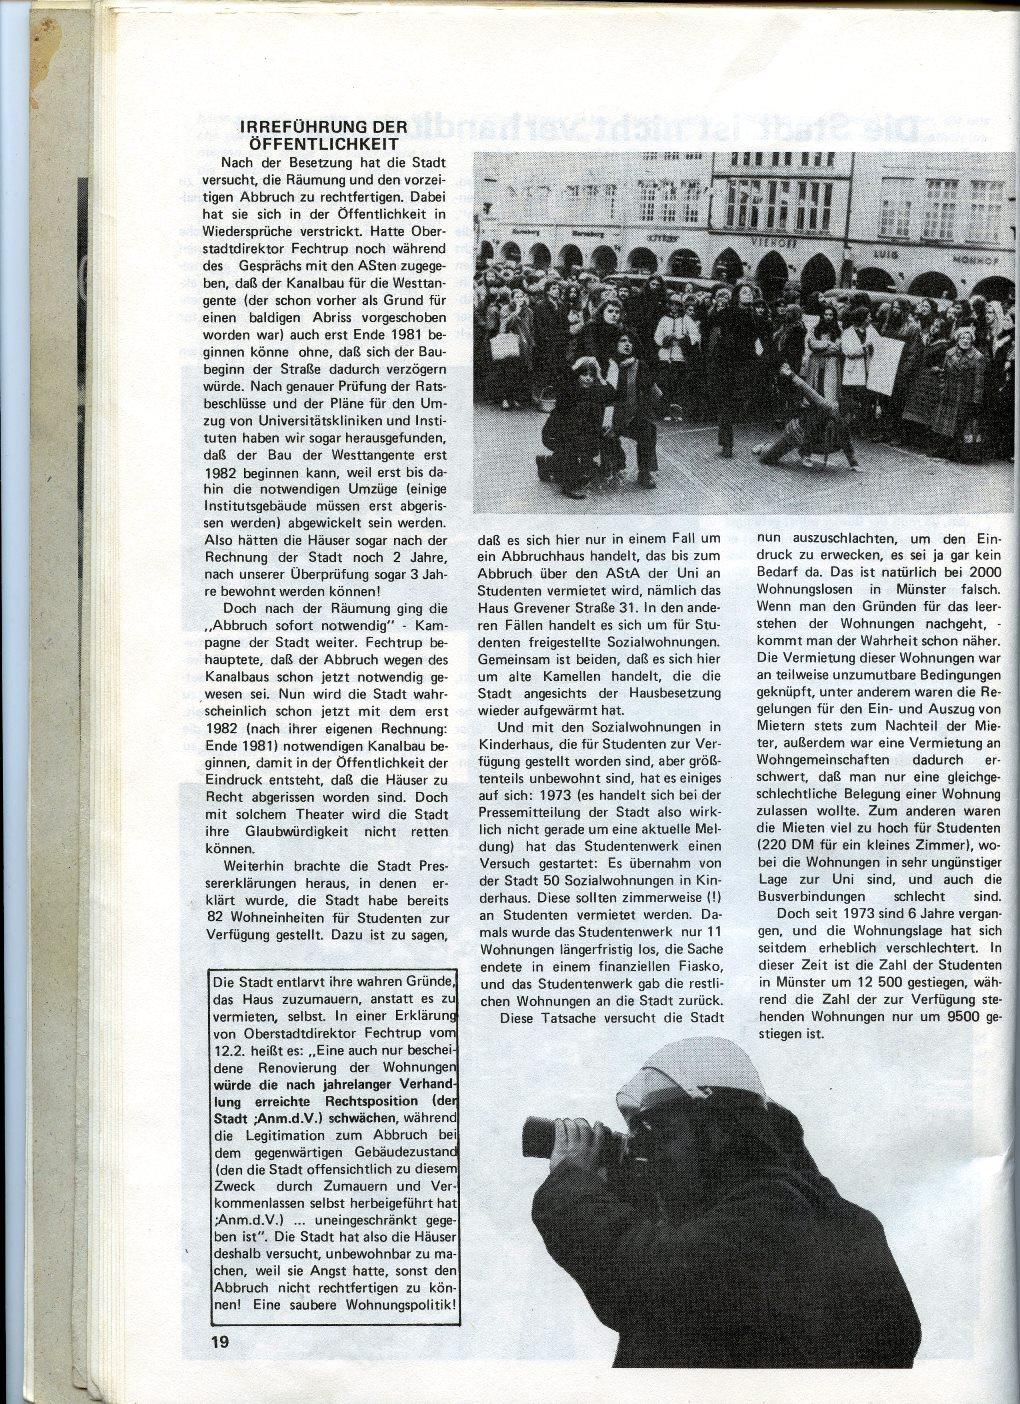 Muenster_Hausbesetzung_1980_20